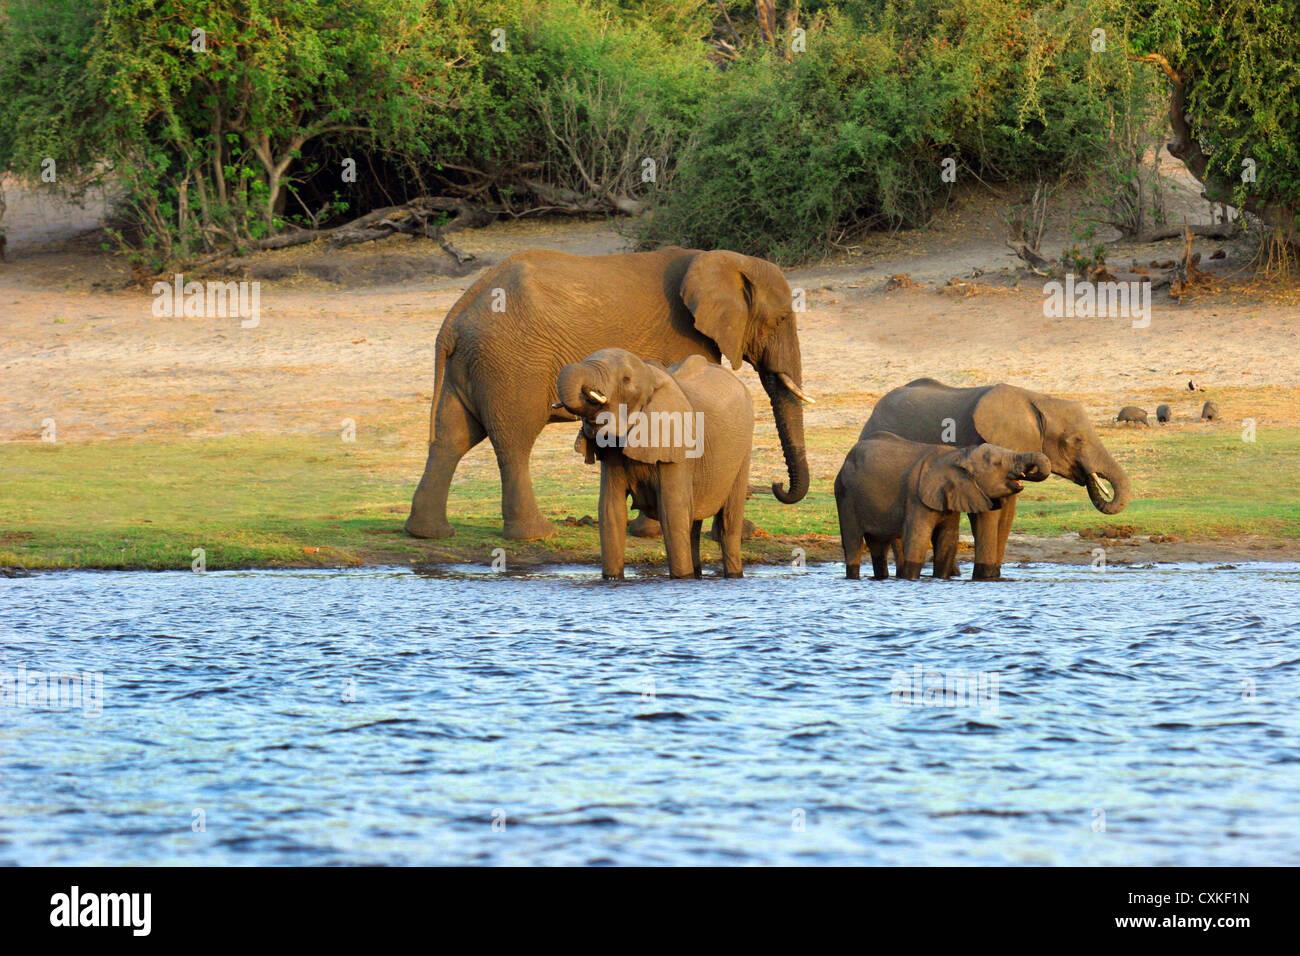 African Elephant (Loxodonta africana) Chobe National Park, Botswana, Africa - Stock Image